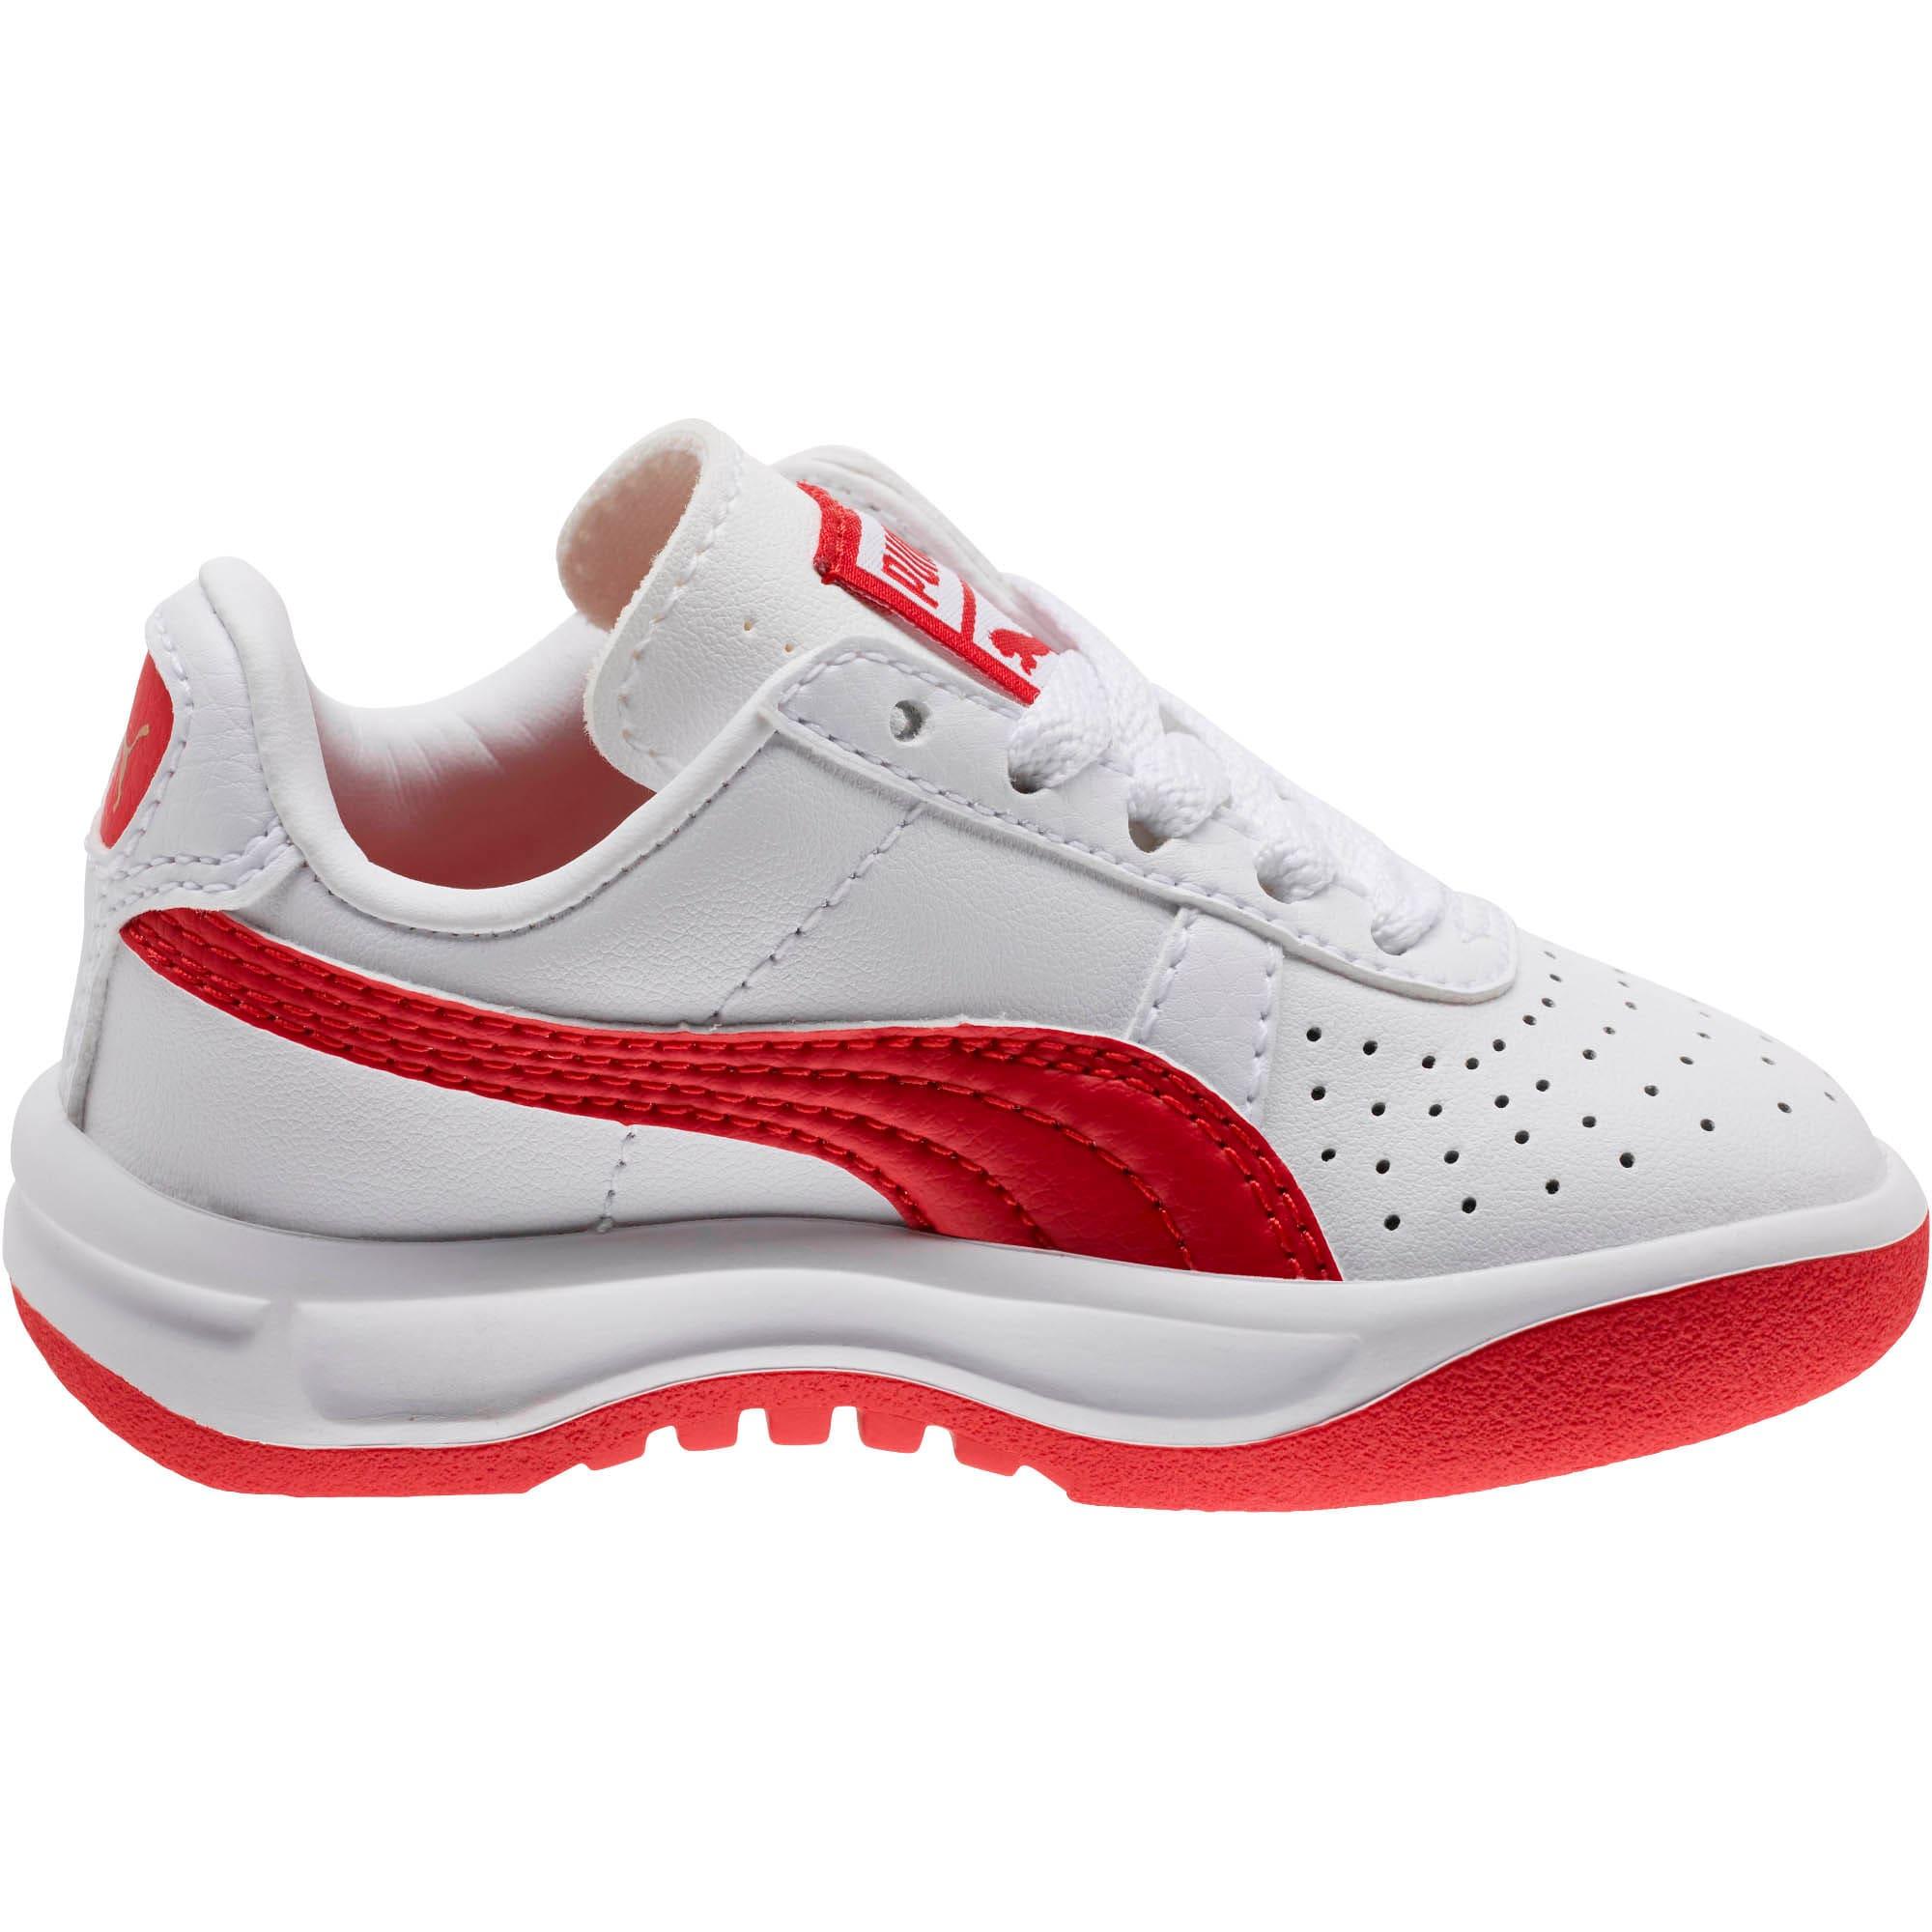 Miniatura 3 de Zapatos GV Special para bebés, Puma White-Ribbon Red, mediano